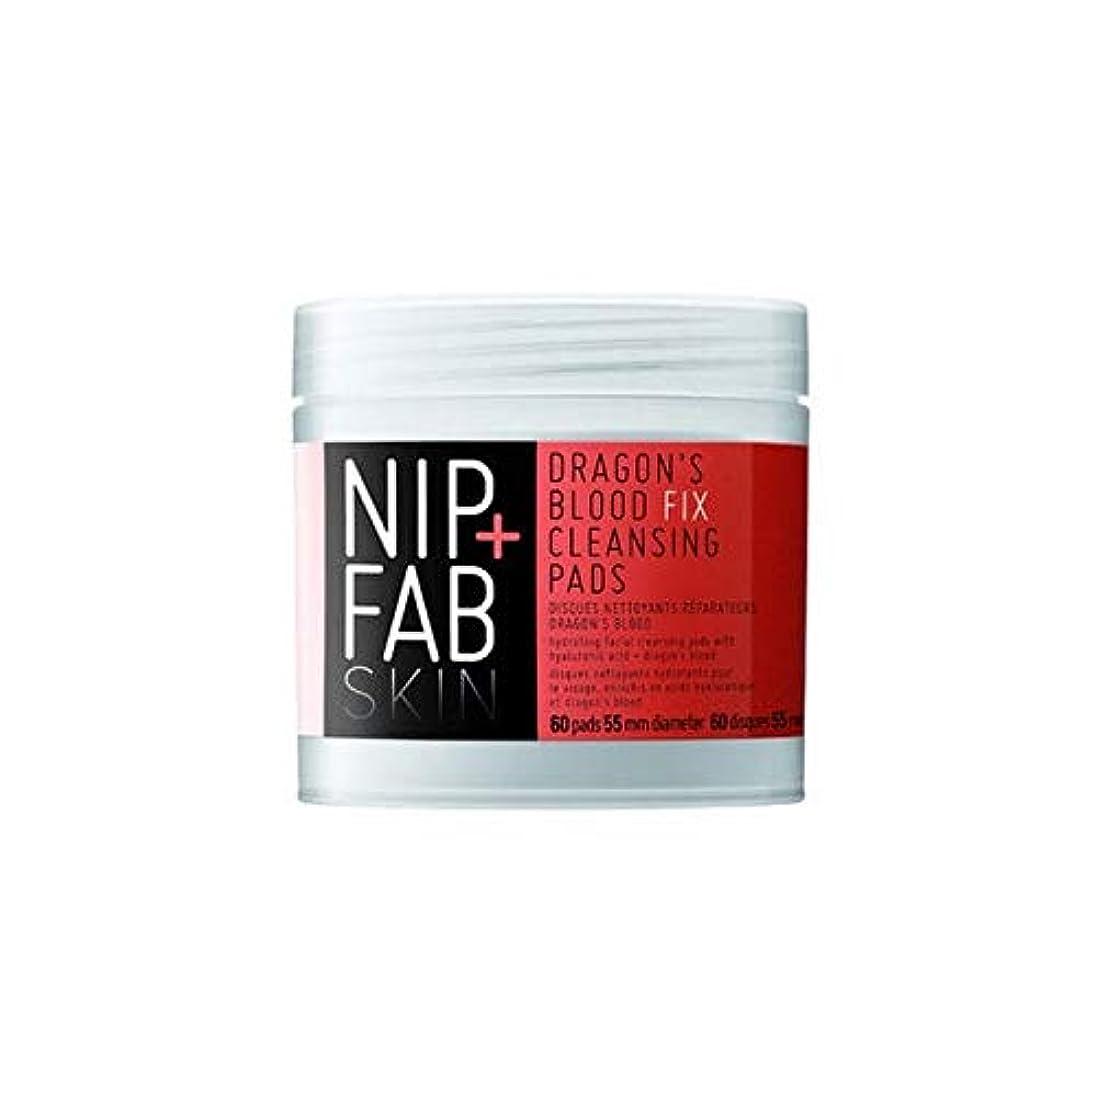 必要条件近傍抹消[Nip & Fab] + Fabドラゴンの血修正クレンジングパッドX60ニップ - Nip+Fab Dragons Blood Fix Cleansing Pads x60 [並行輸入品]